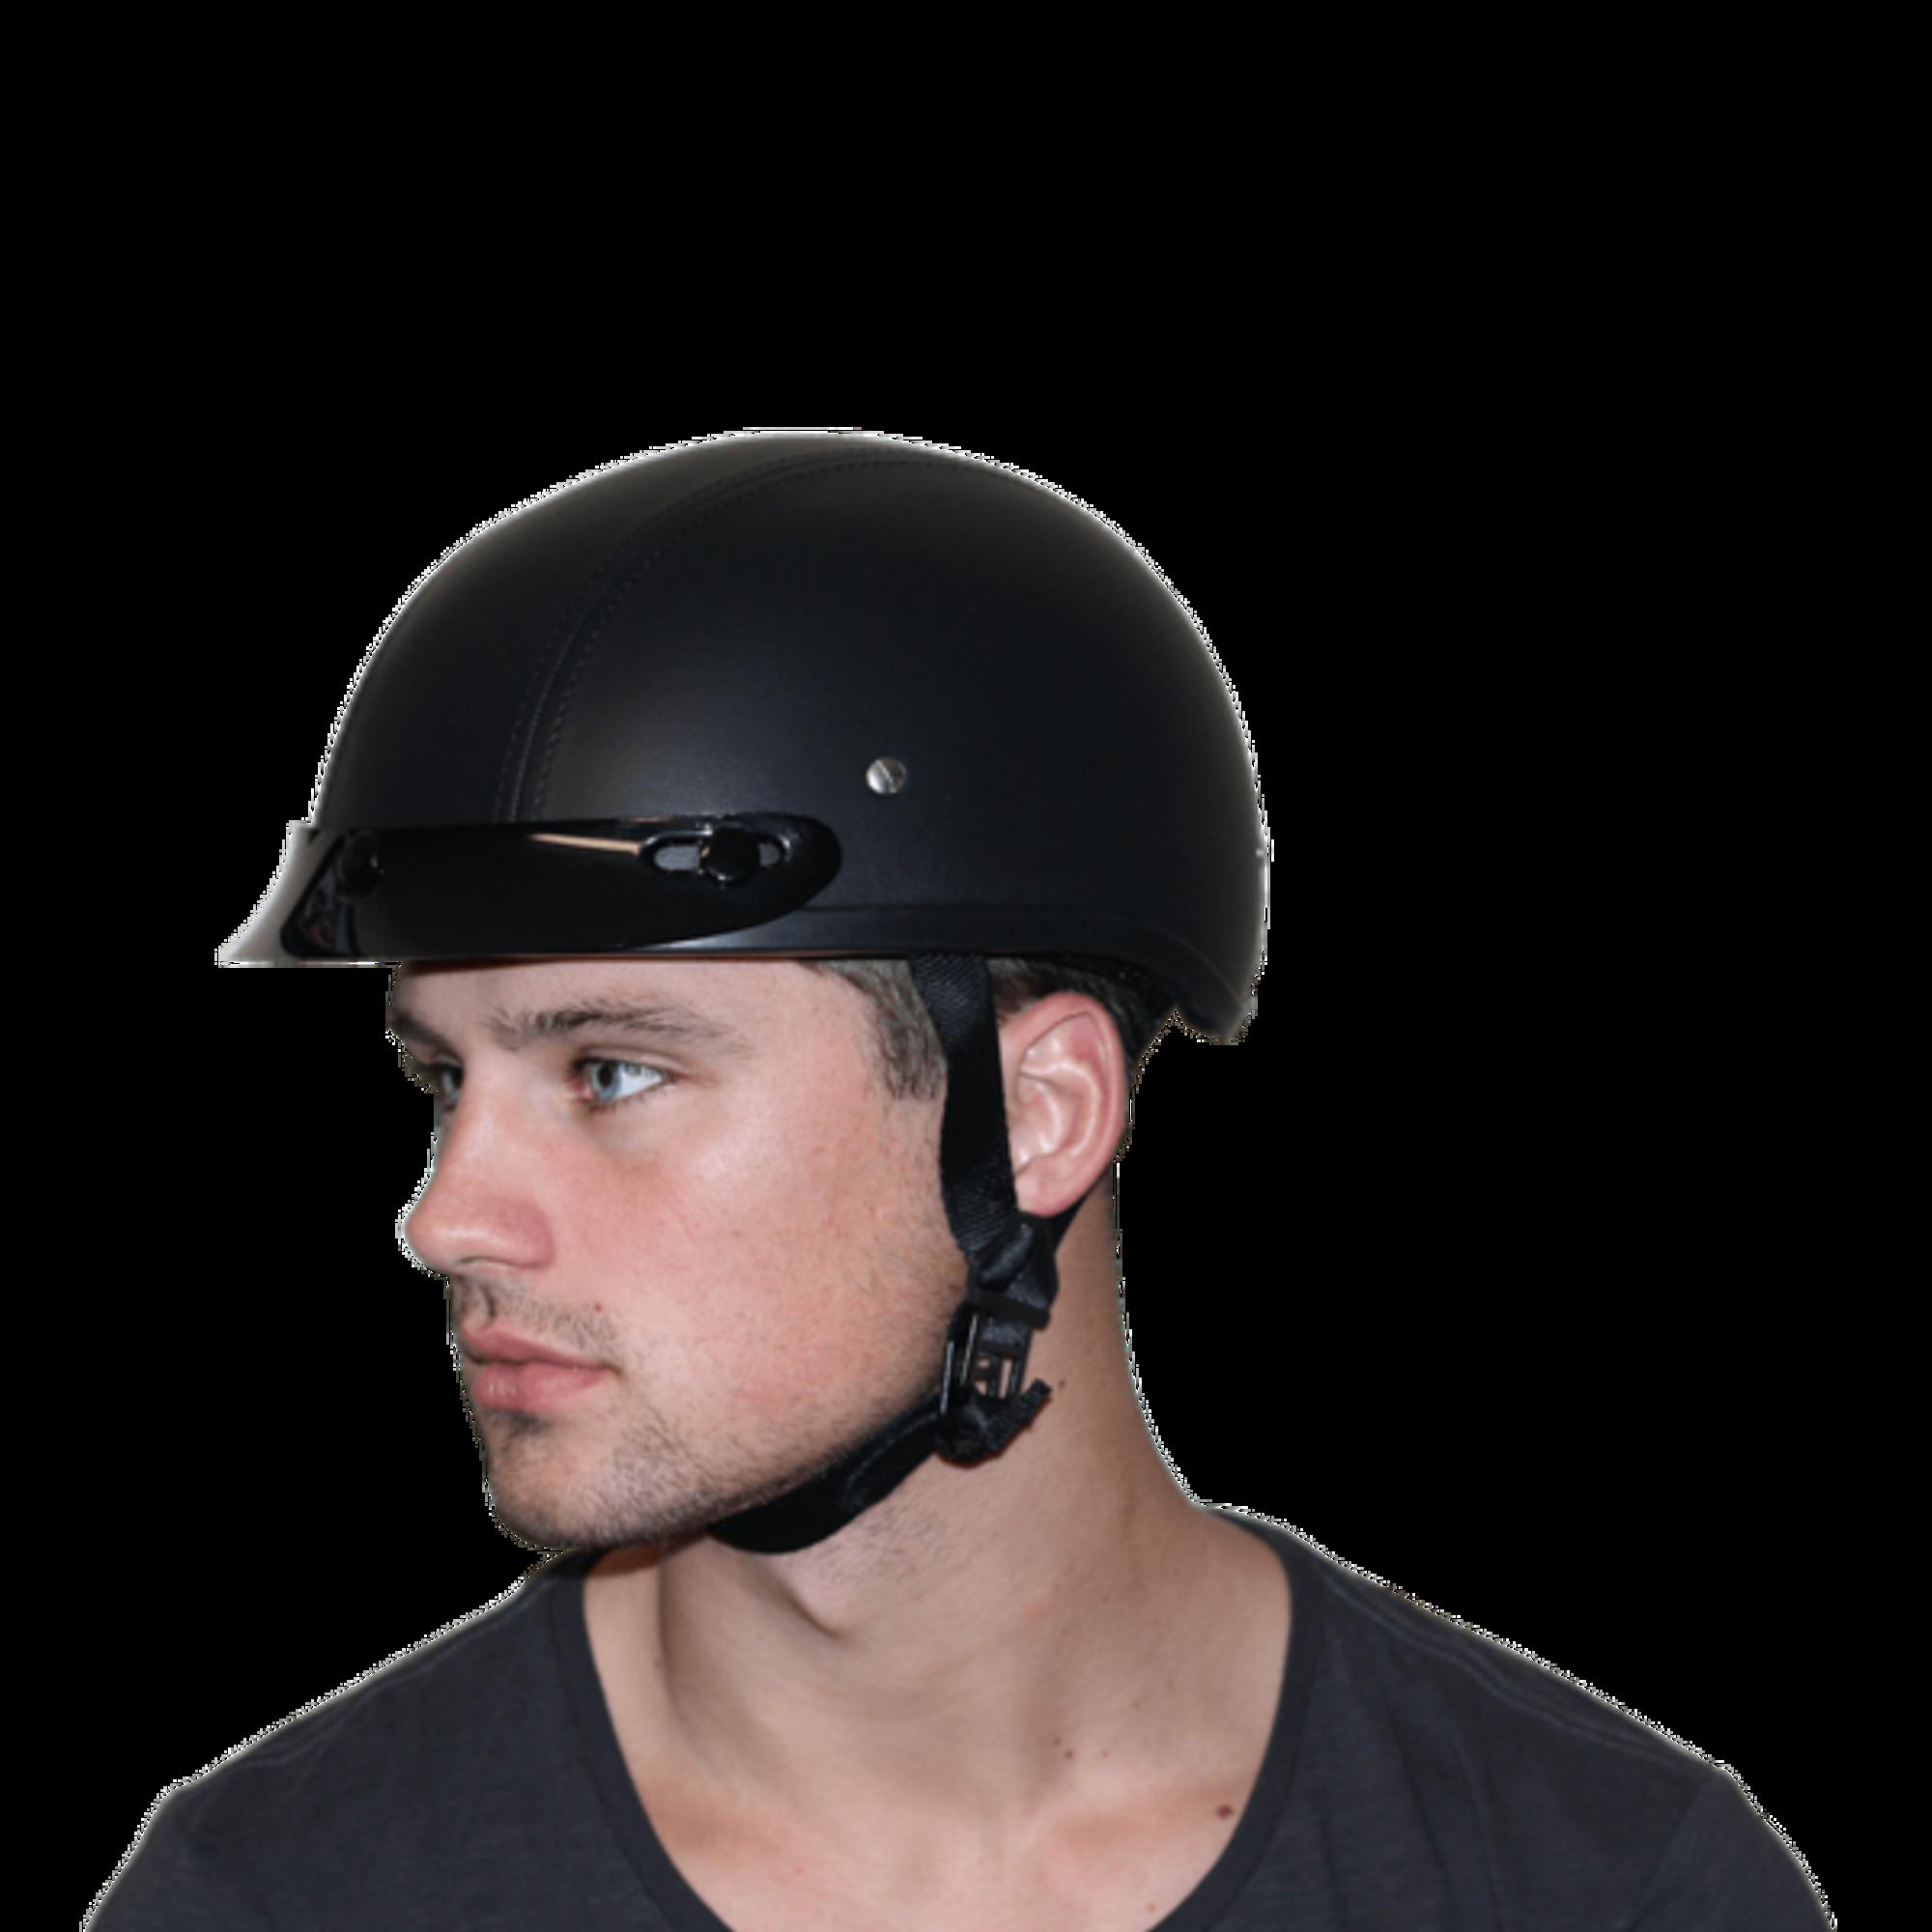 D.O.T. DAYTONA SKULL CAP- LEATHER COVERED - Novelty Helmet Shop e7250642270